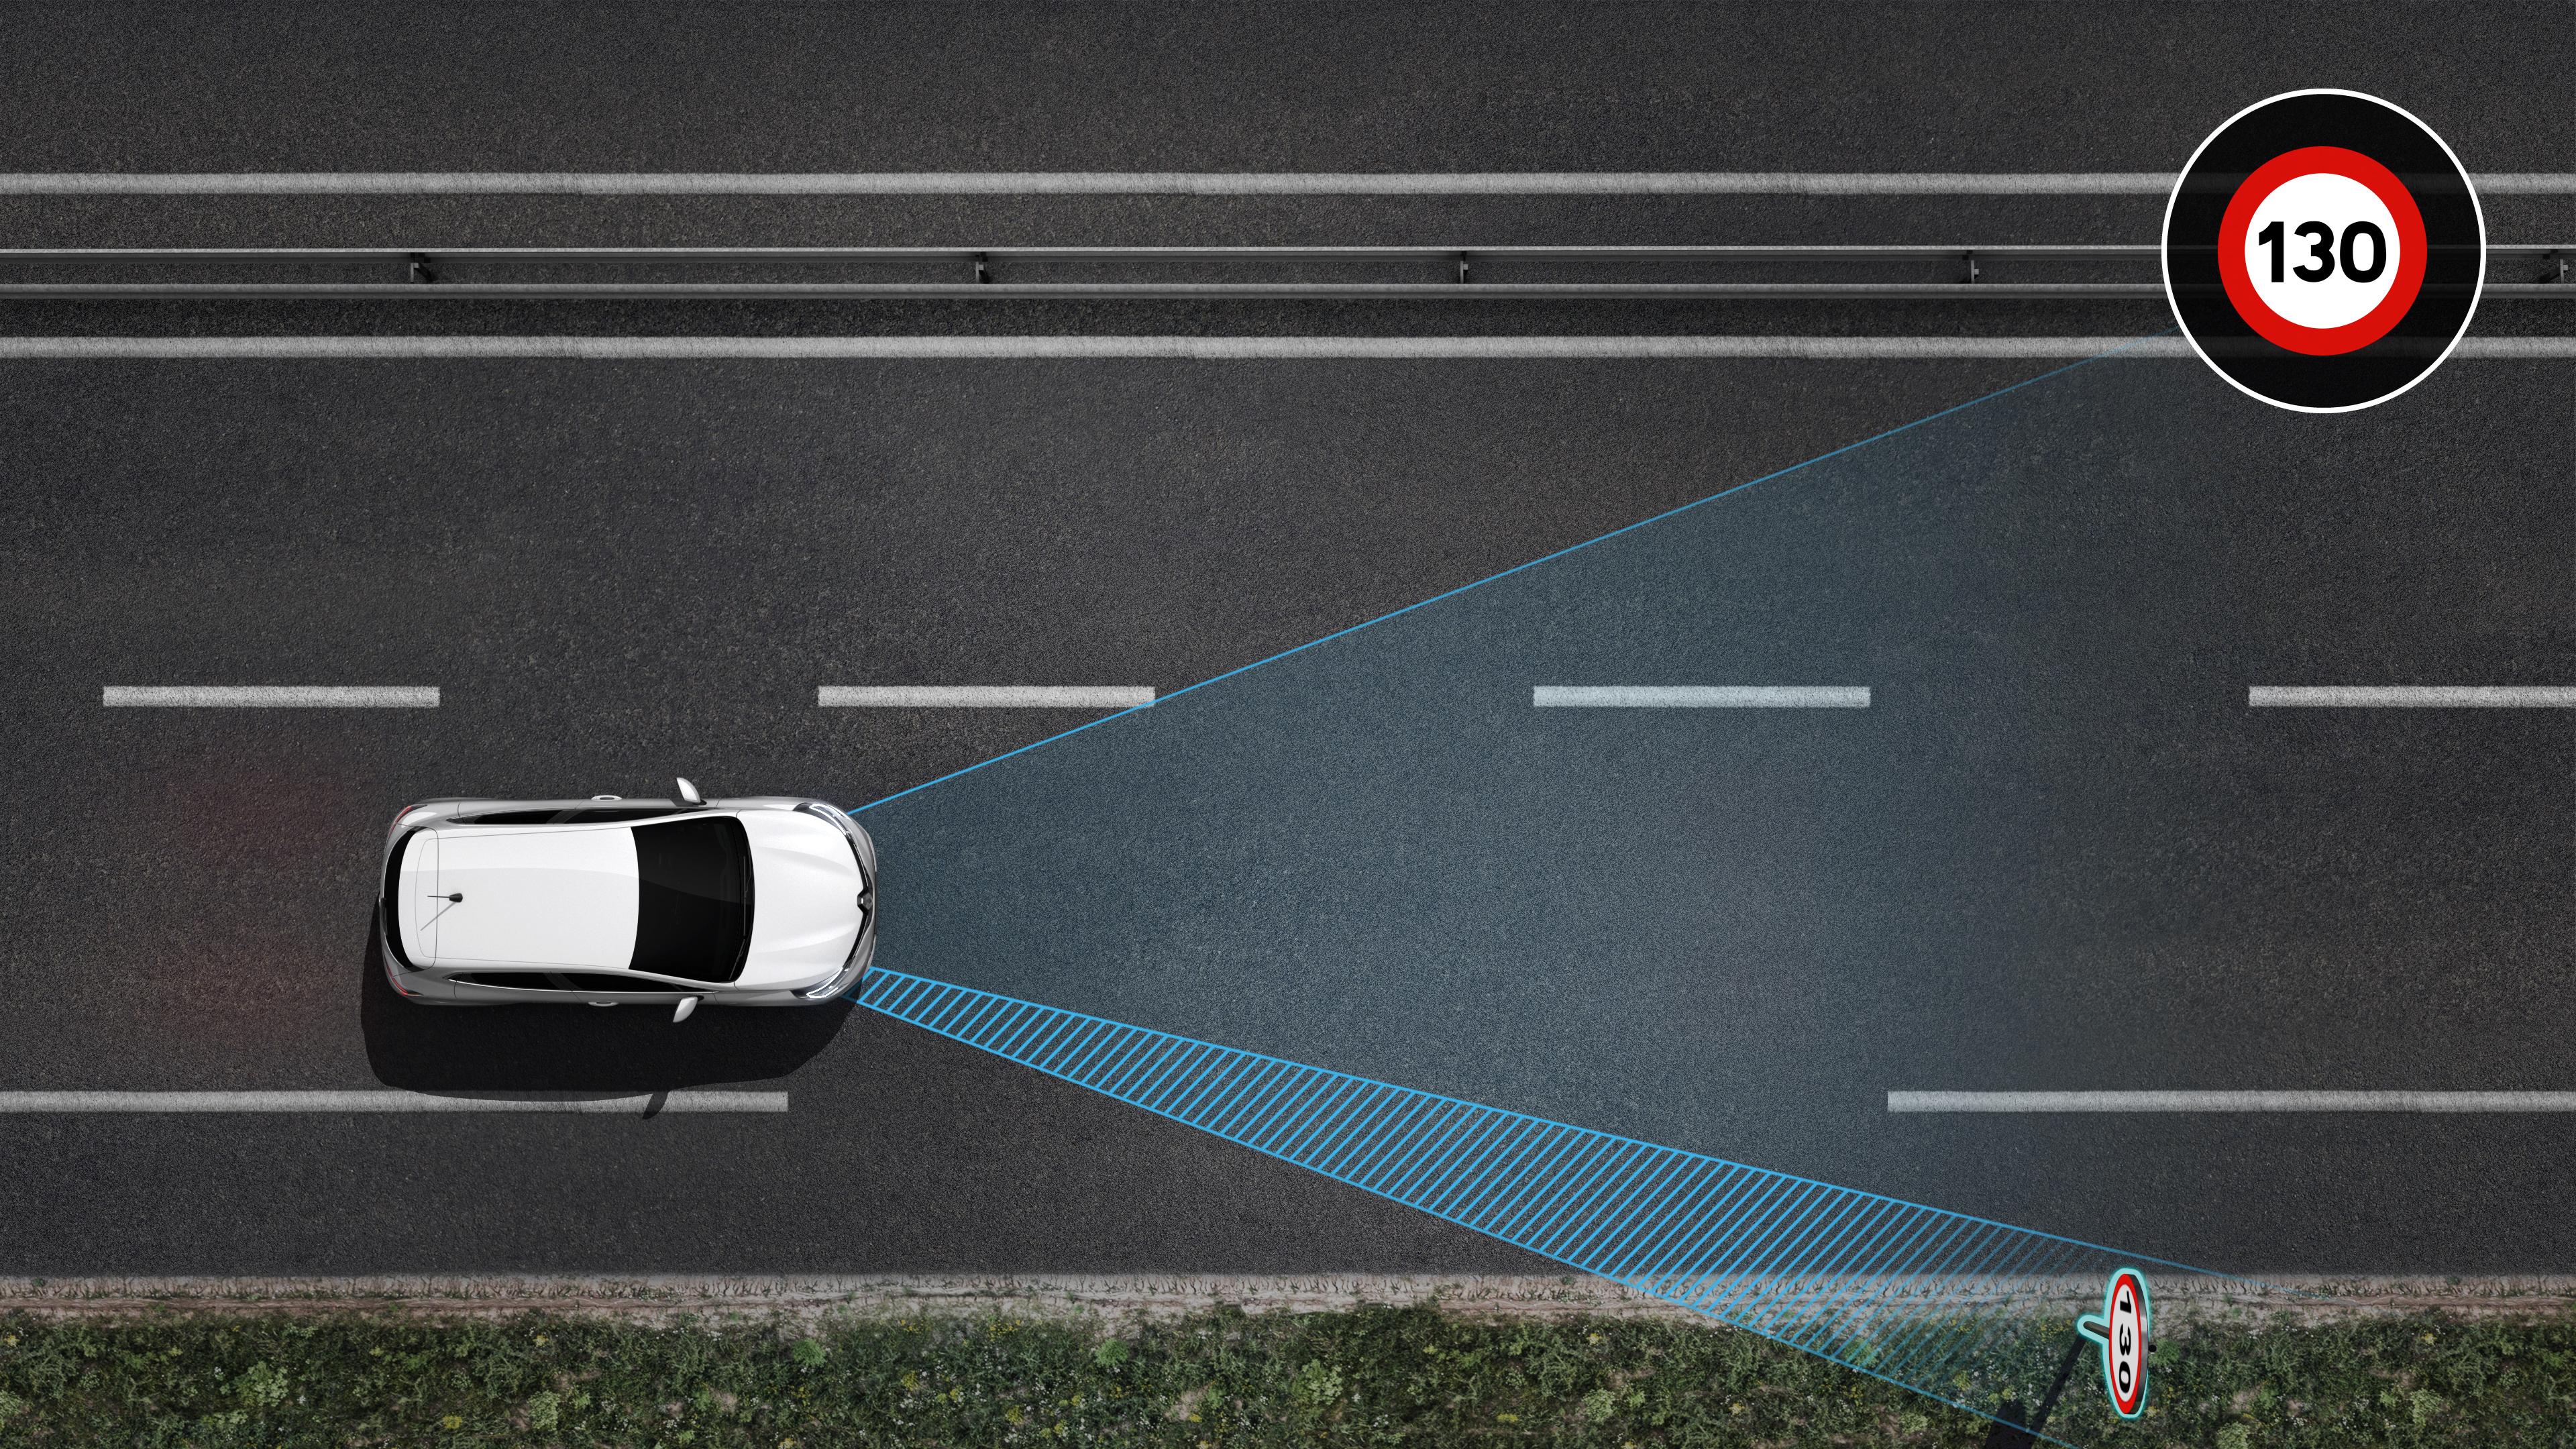 Systém rozpoznávania dopravných značiek